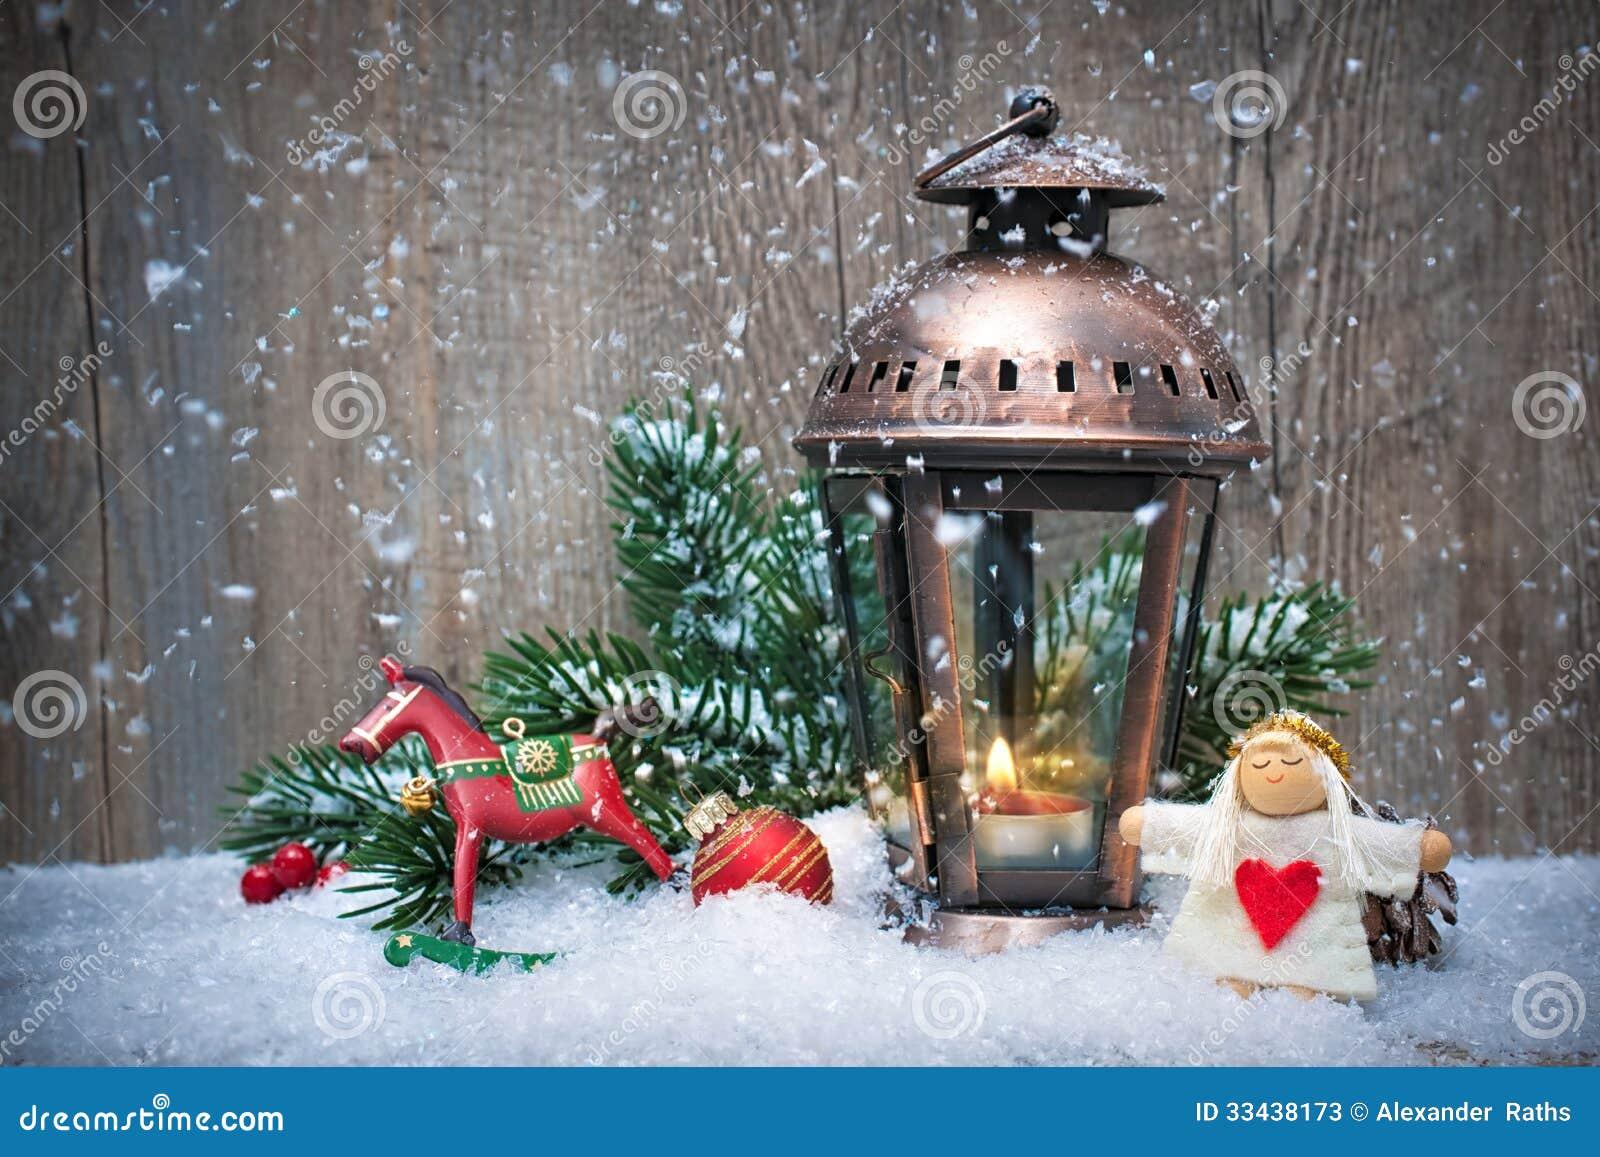 weihnachtslaterne im schnee stockfotos bild 33438173. Black Bedroom Furniture Sets. Home Design Ideas